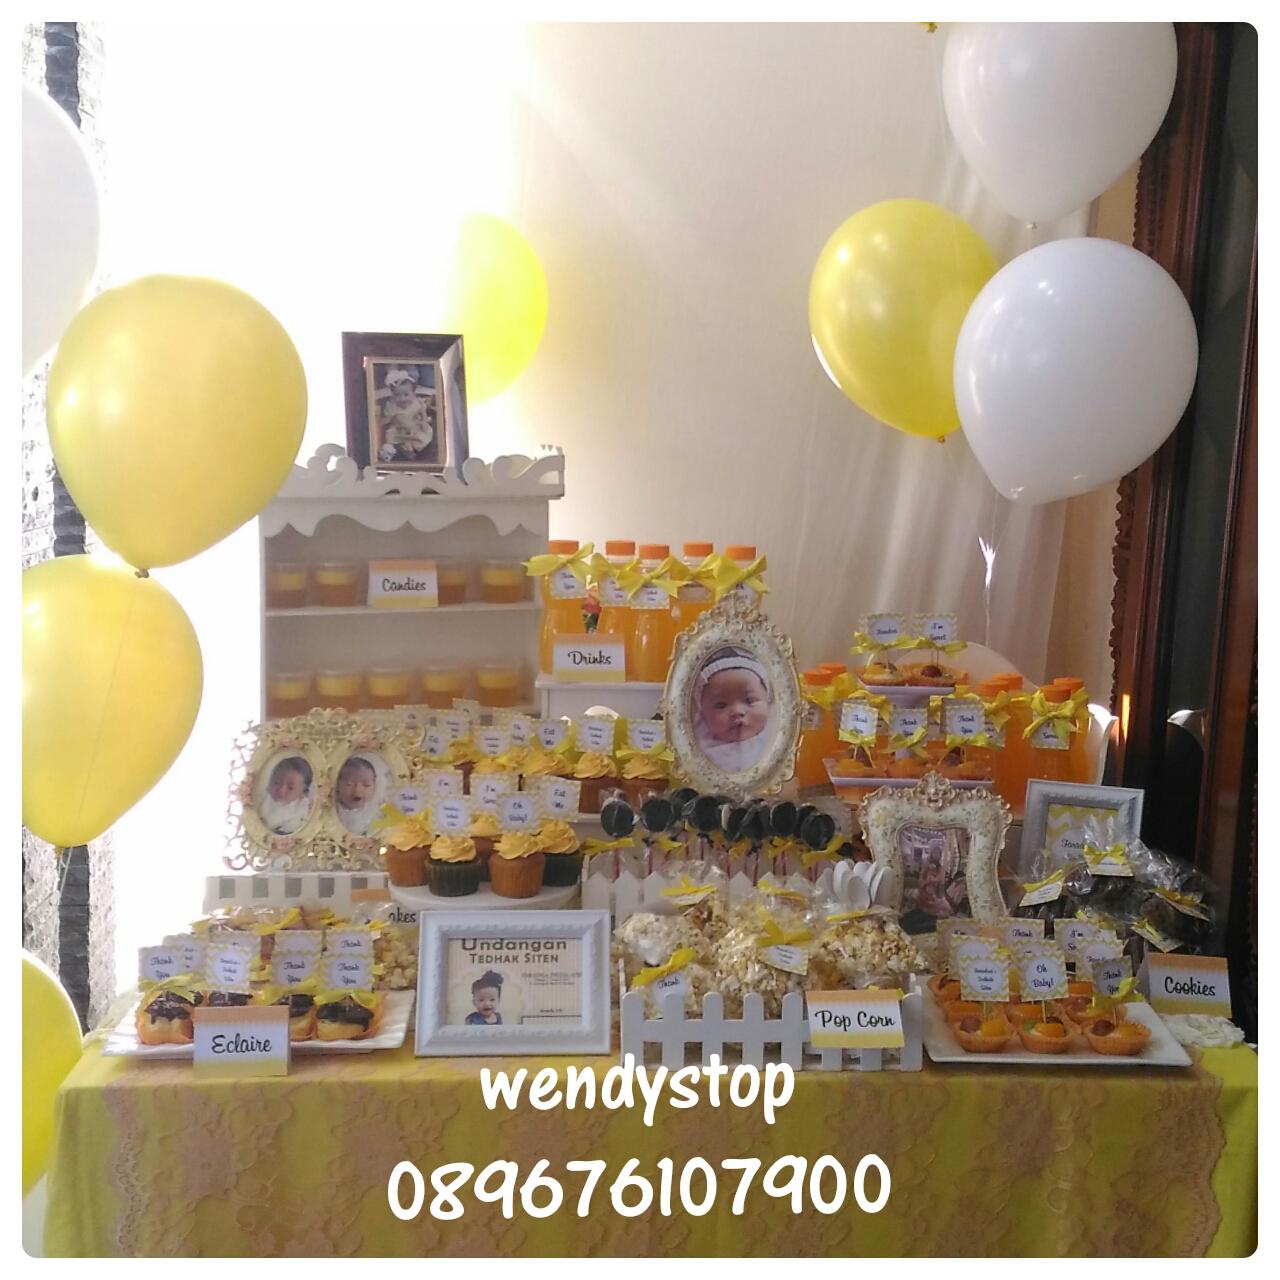 Sweet corner dessert table tedhak siten selapan surabaya sidoarjo gresik party decoration dekorasi pesta upacara turun tanah kuning nuansa yellow theme bayi turun tanah